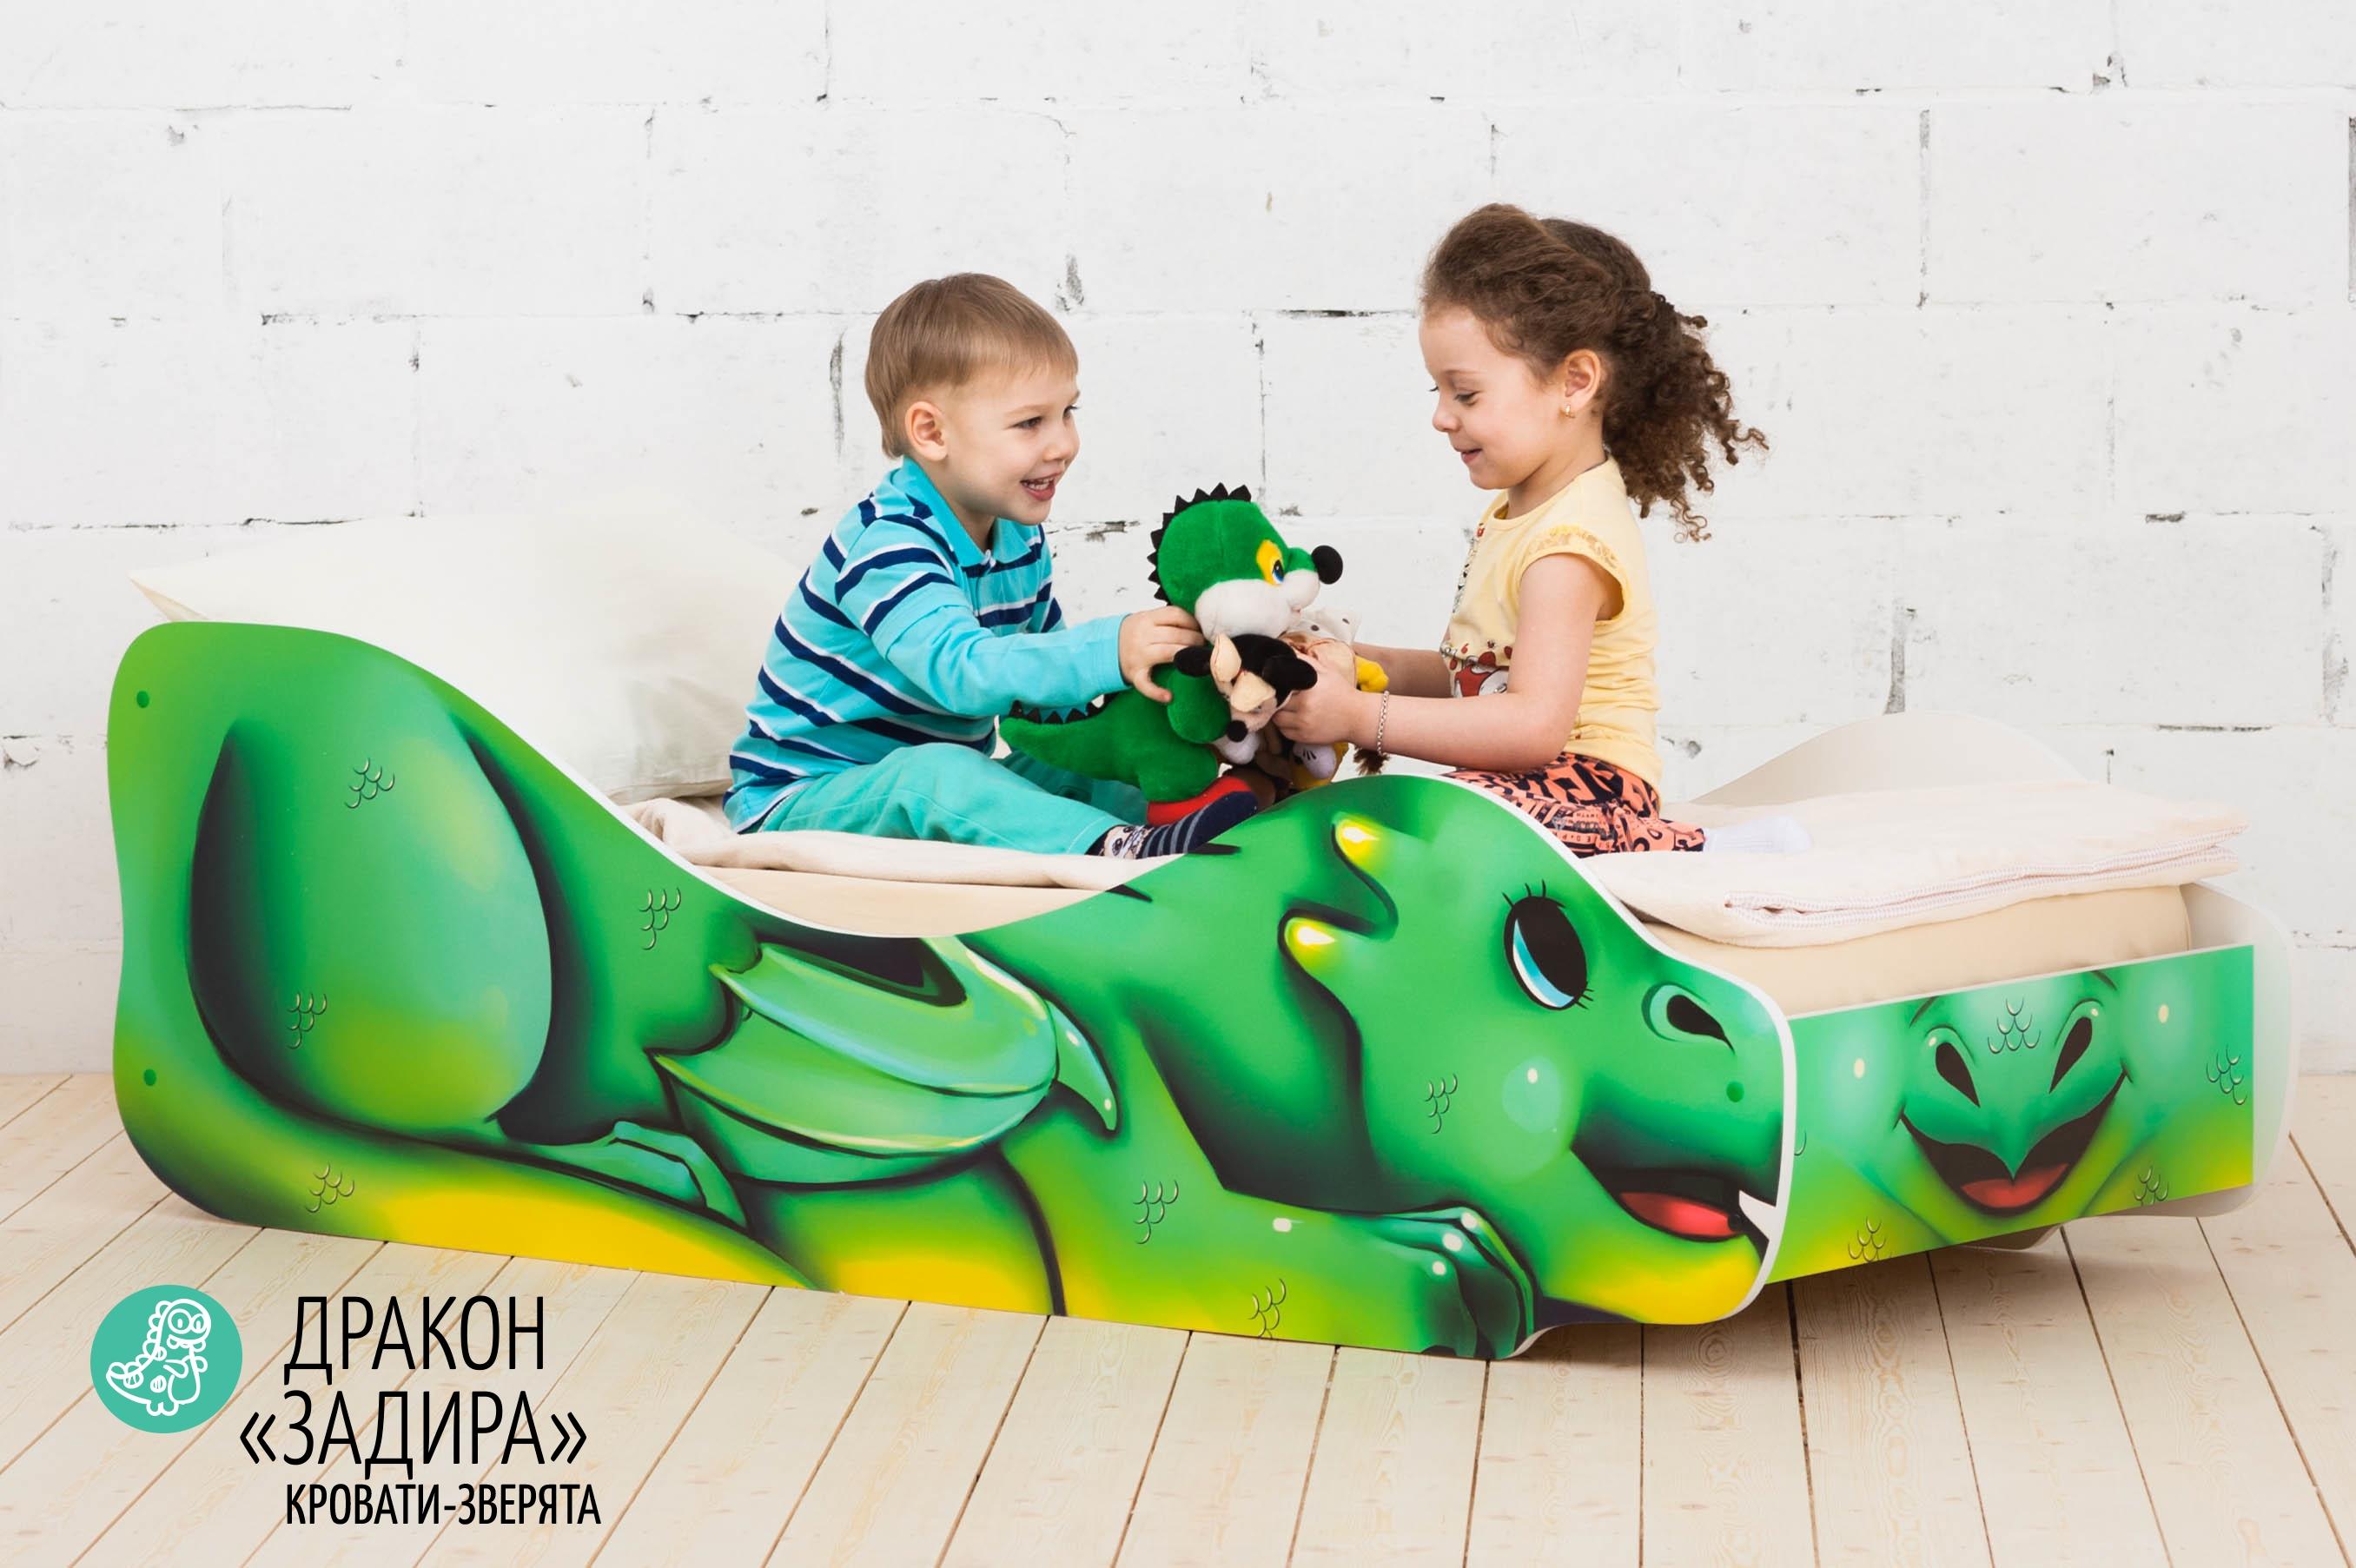 Детская кровать-зверенок -Дракон-Задира-6